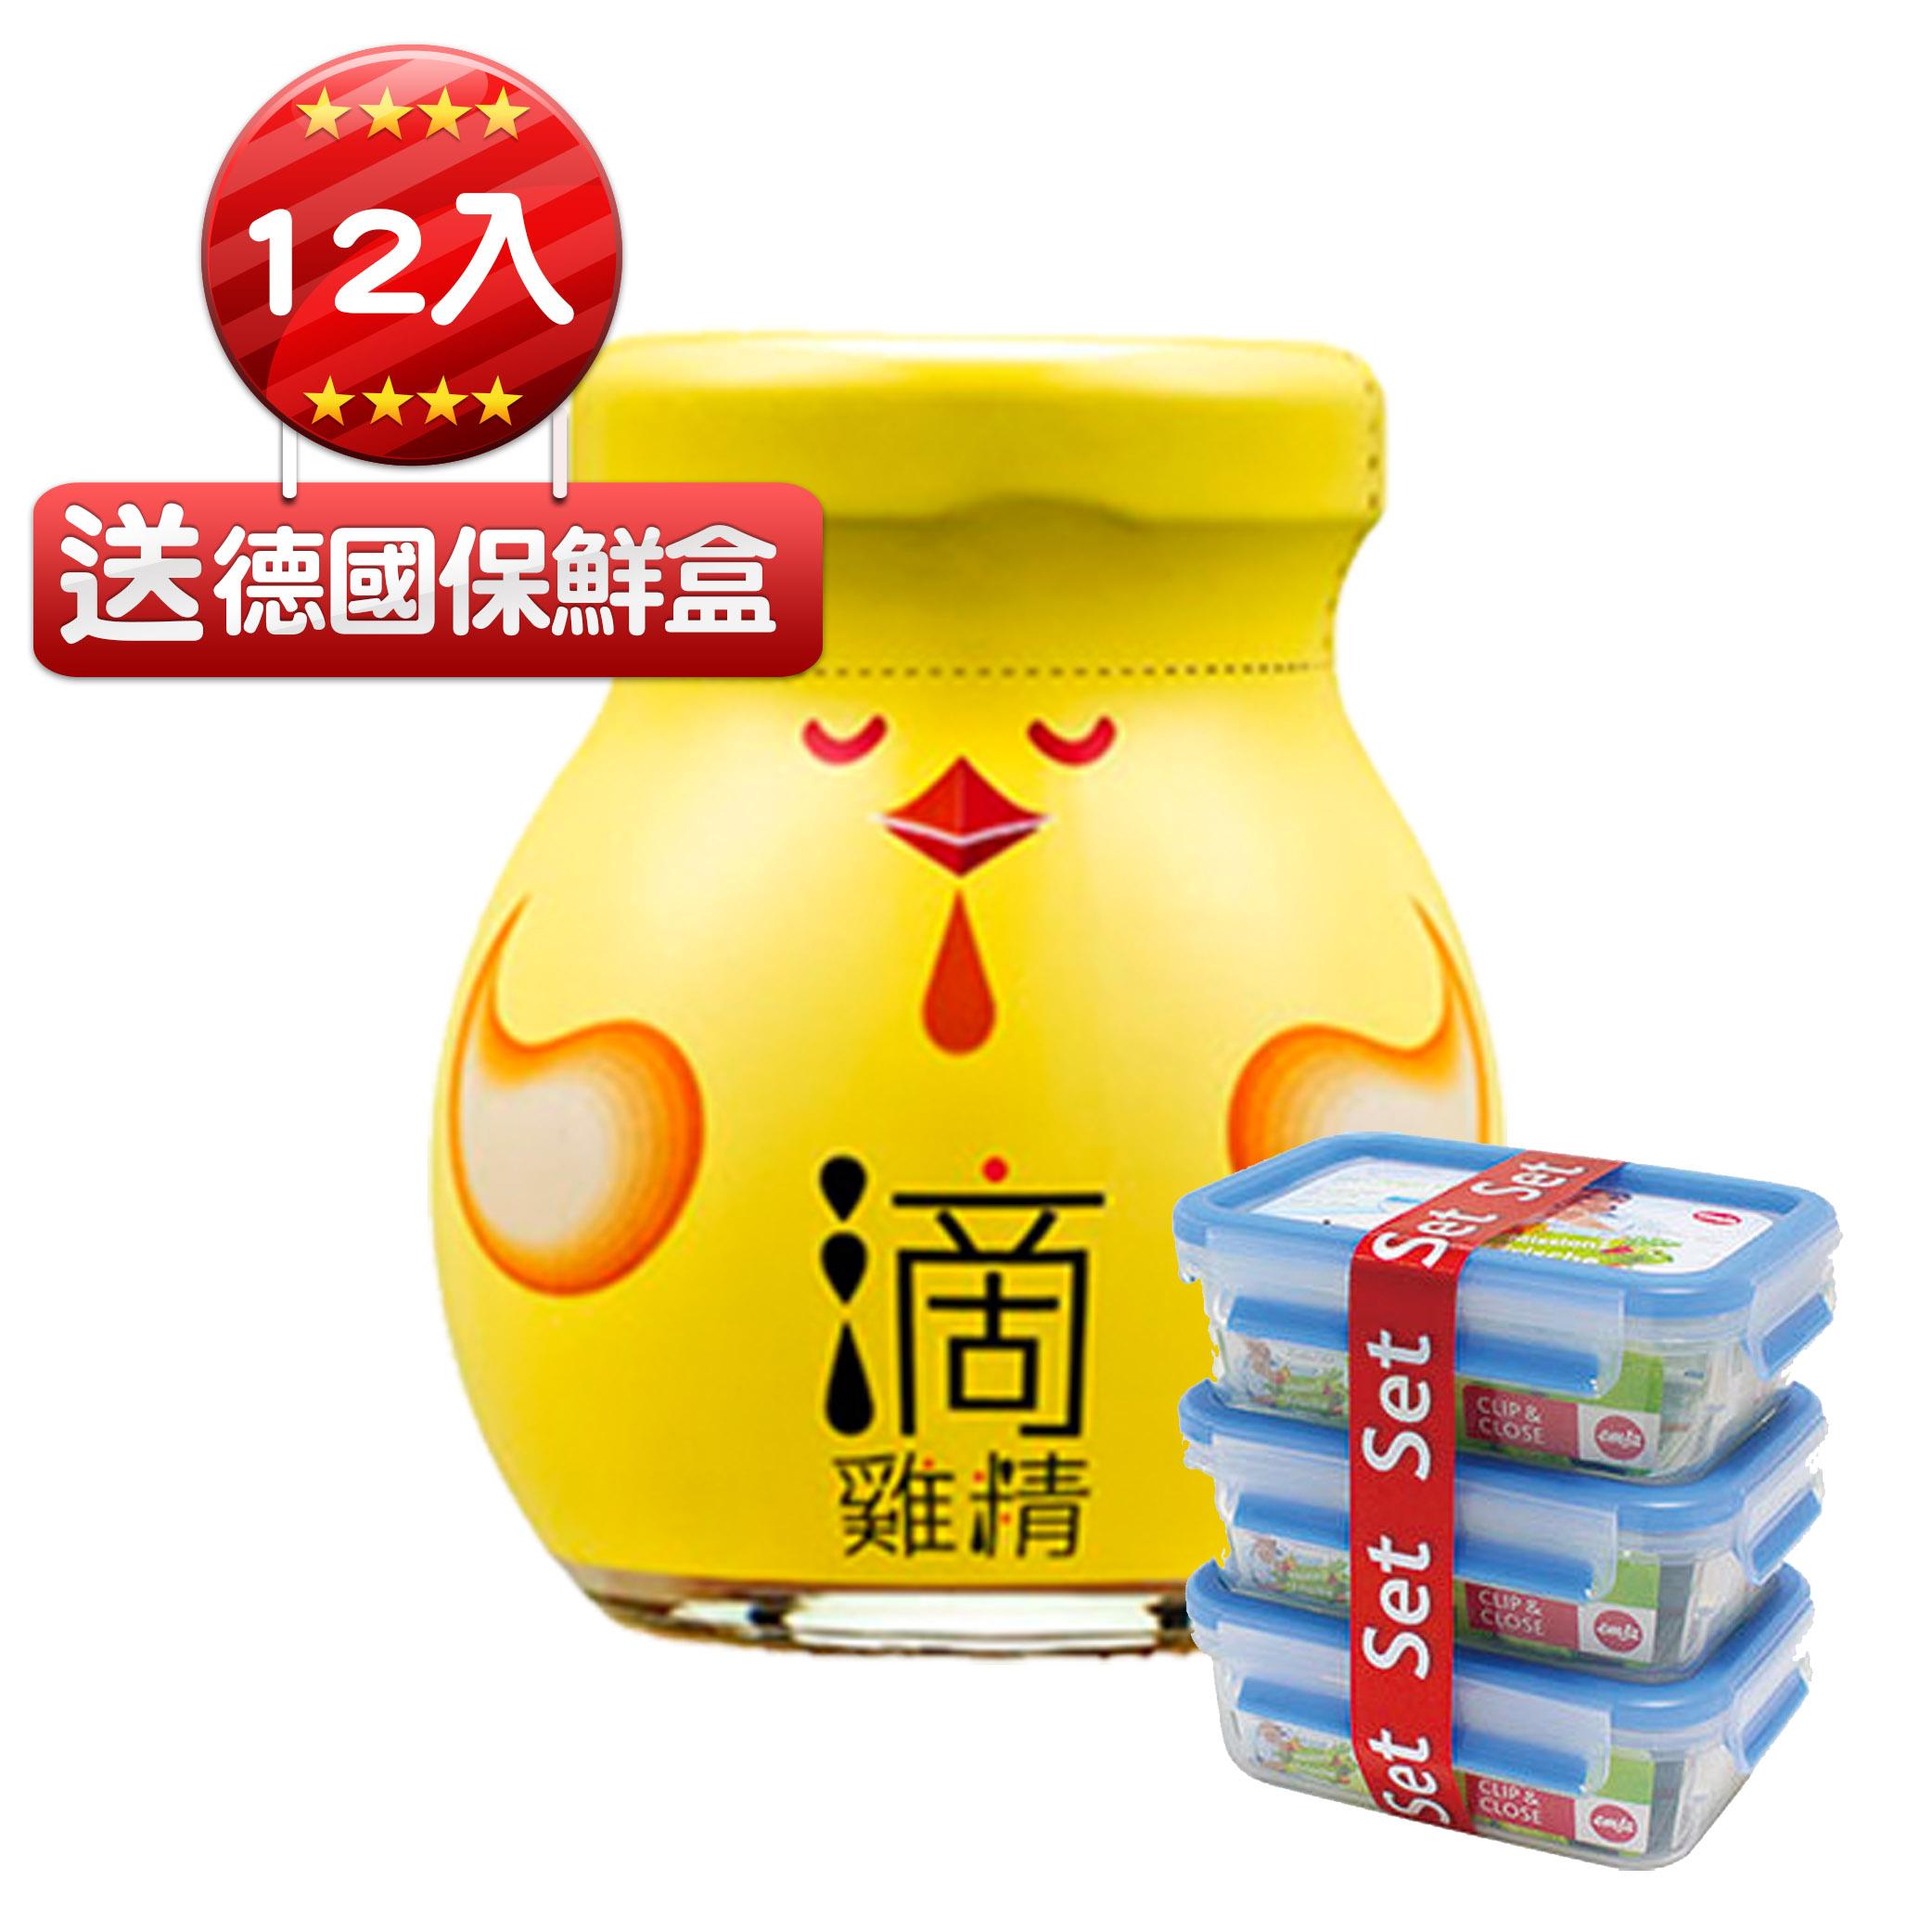 部落客推薦-愛之味高野家滴雞精-烏骨雞 (12入特價組)→FB姚小鳳